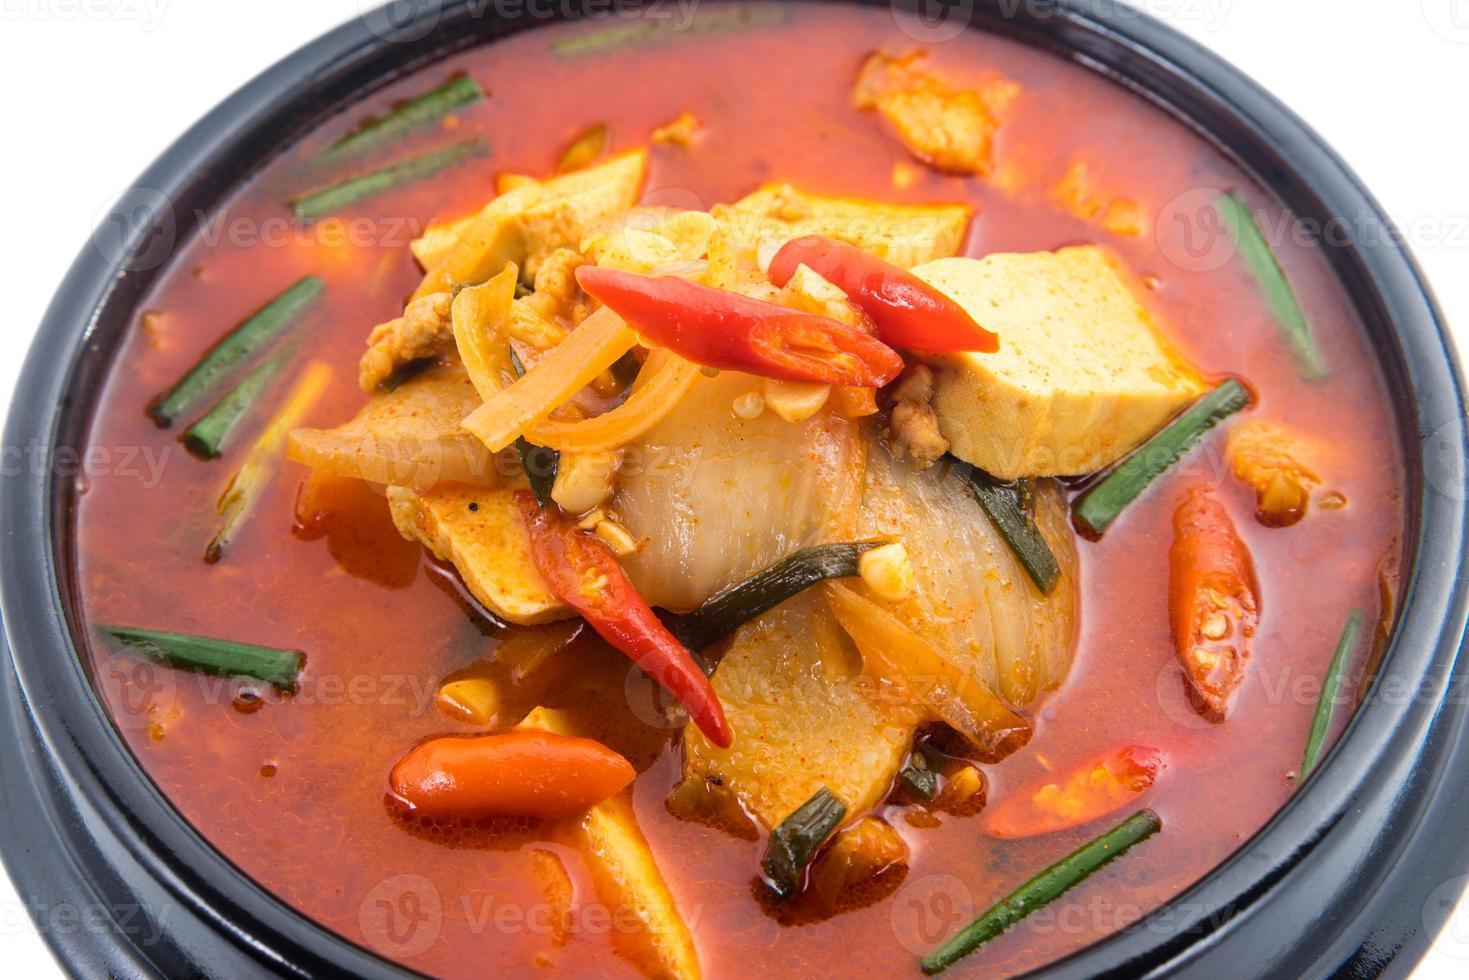 kimchi in umido, kimchi chigae, cucina coreana, zuppa di kimchi foto